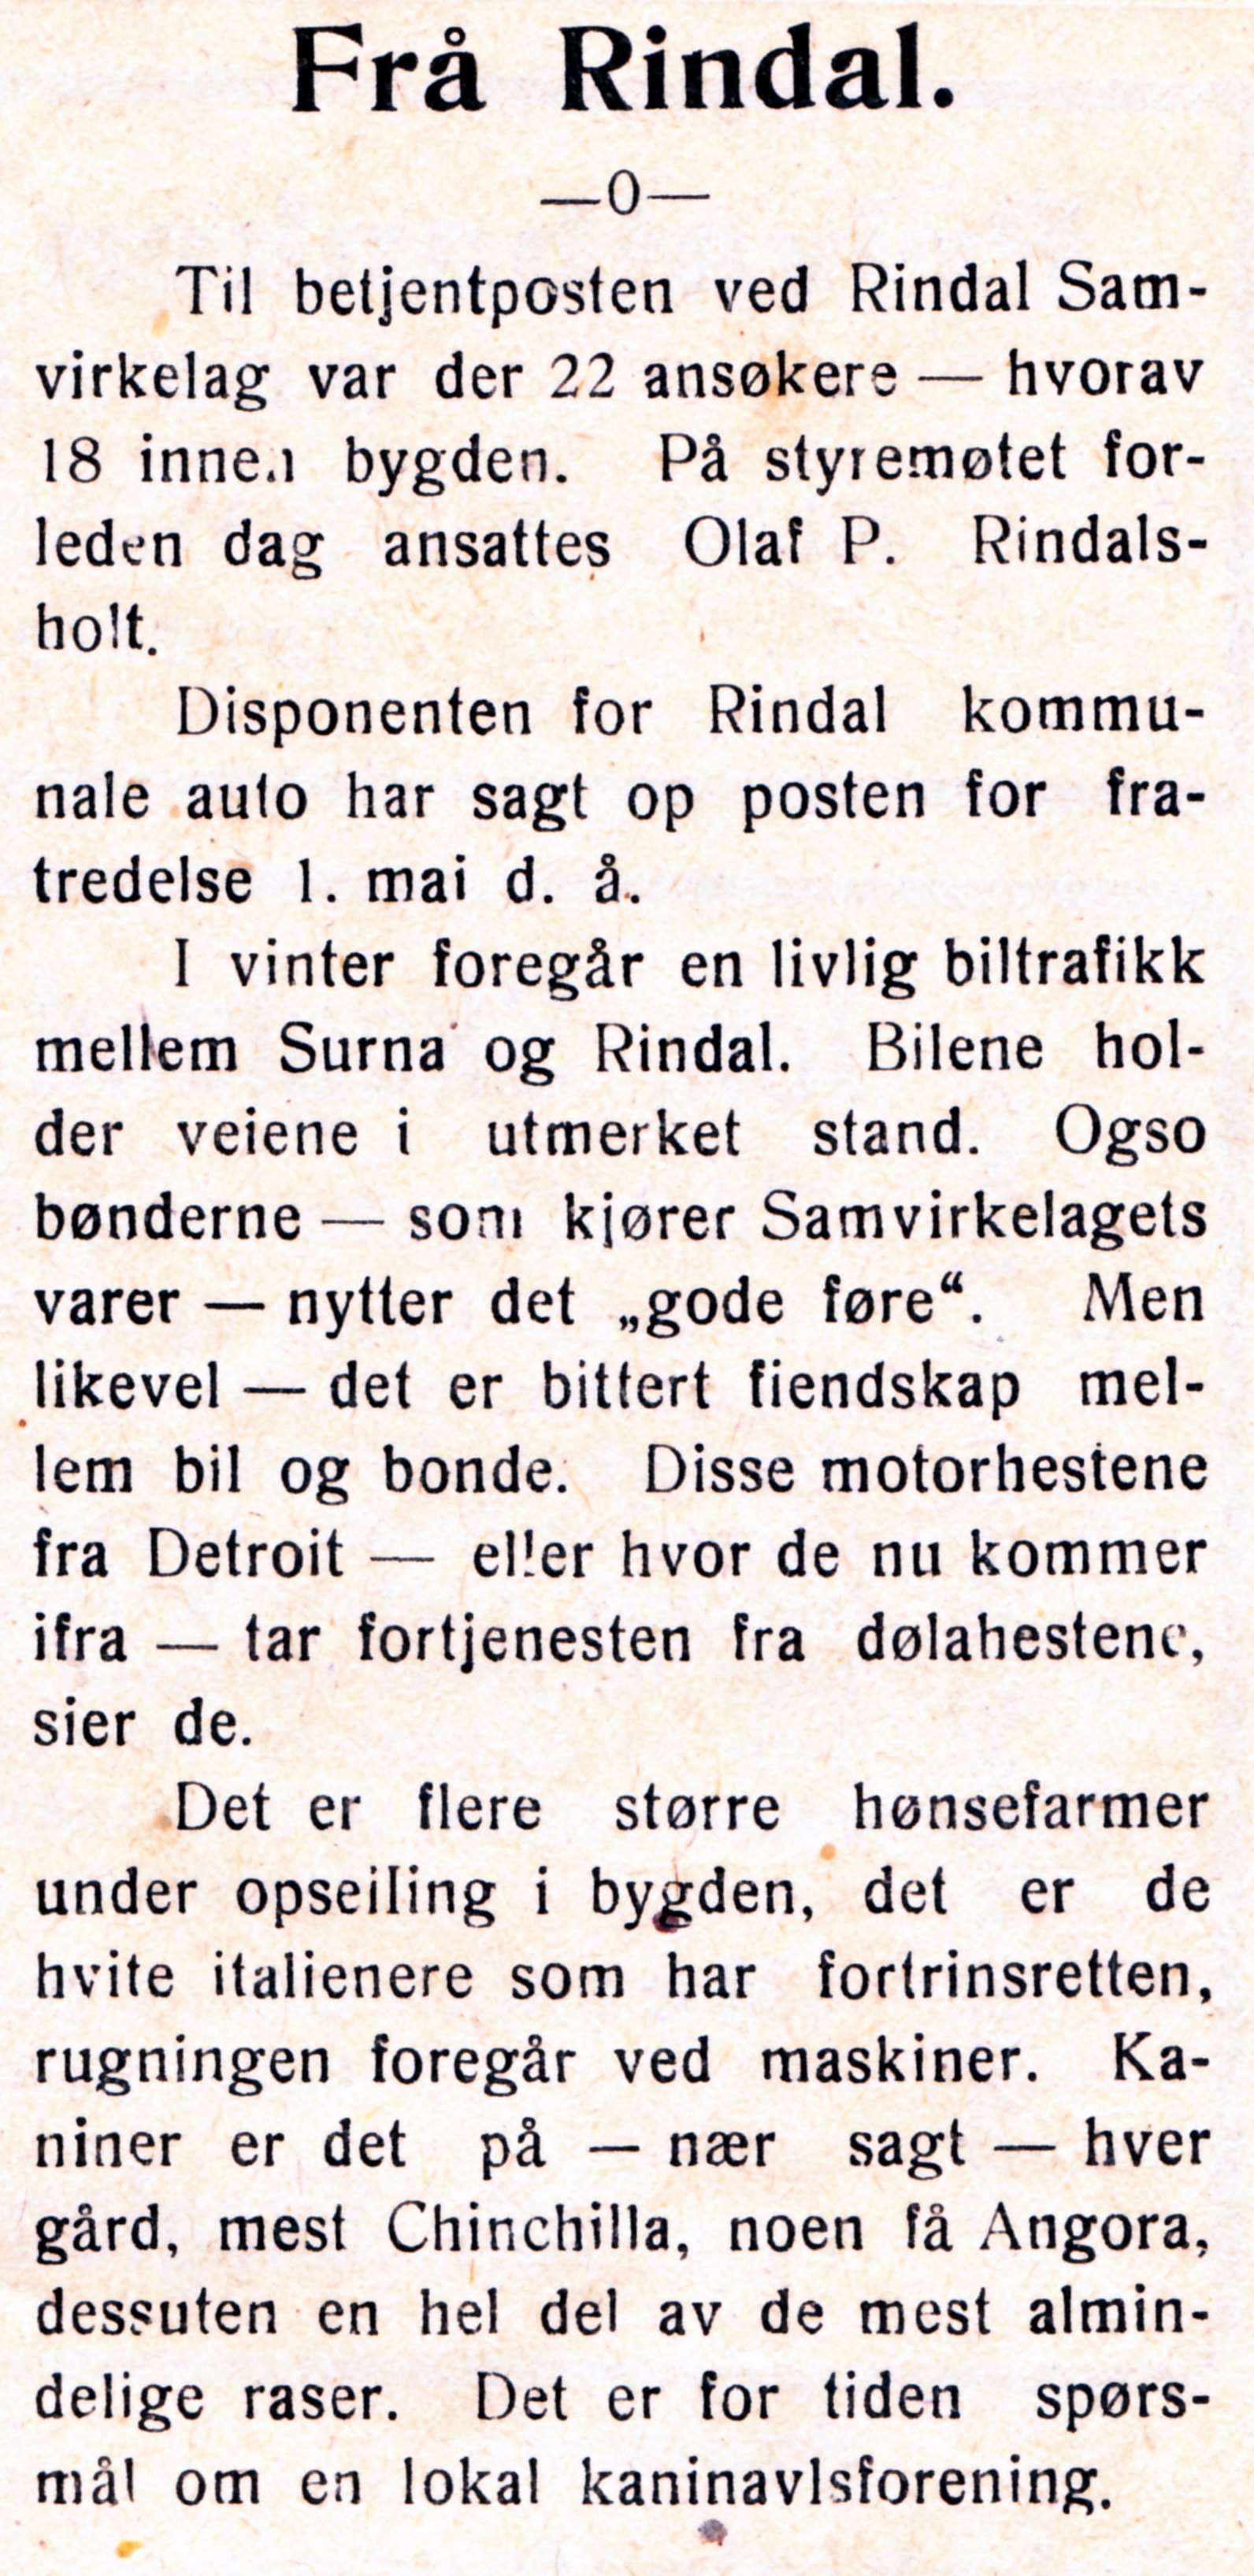 Frå Rindal.jpg